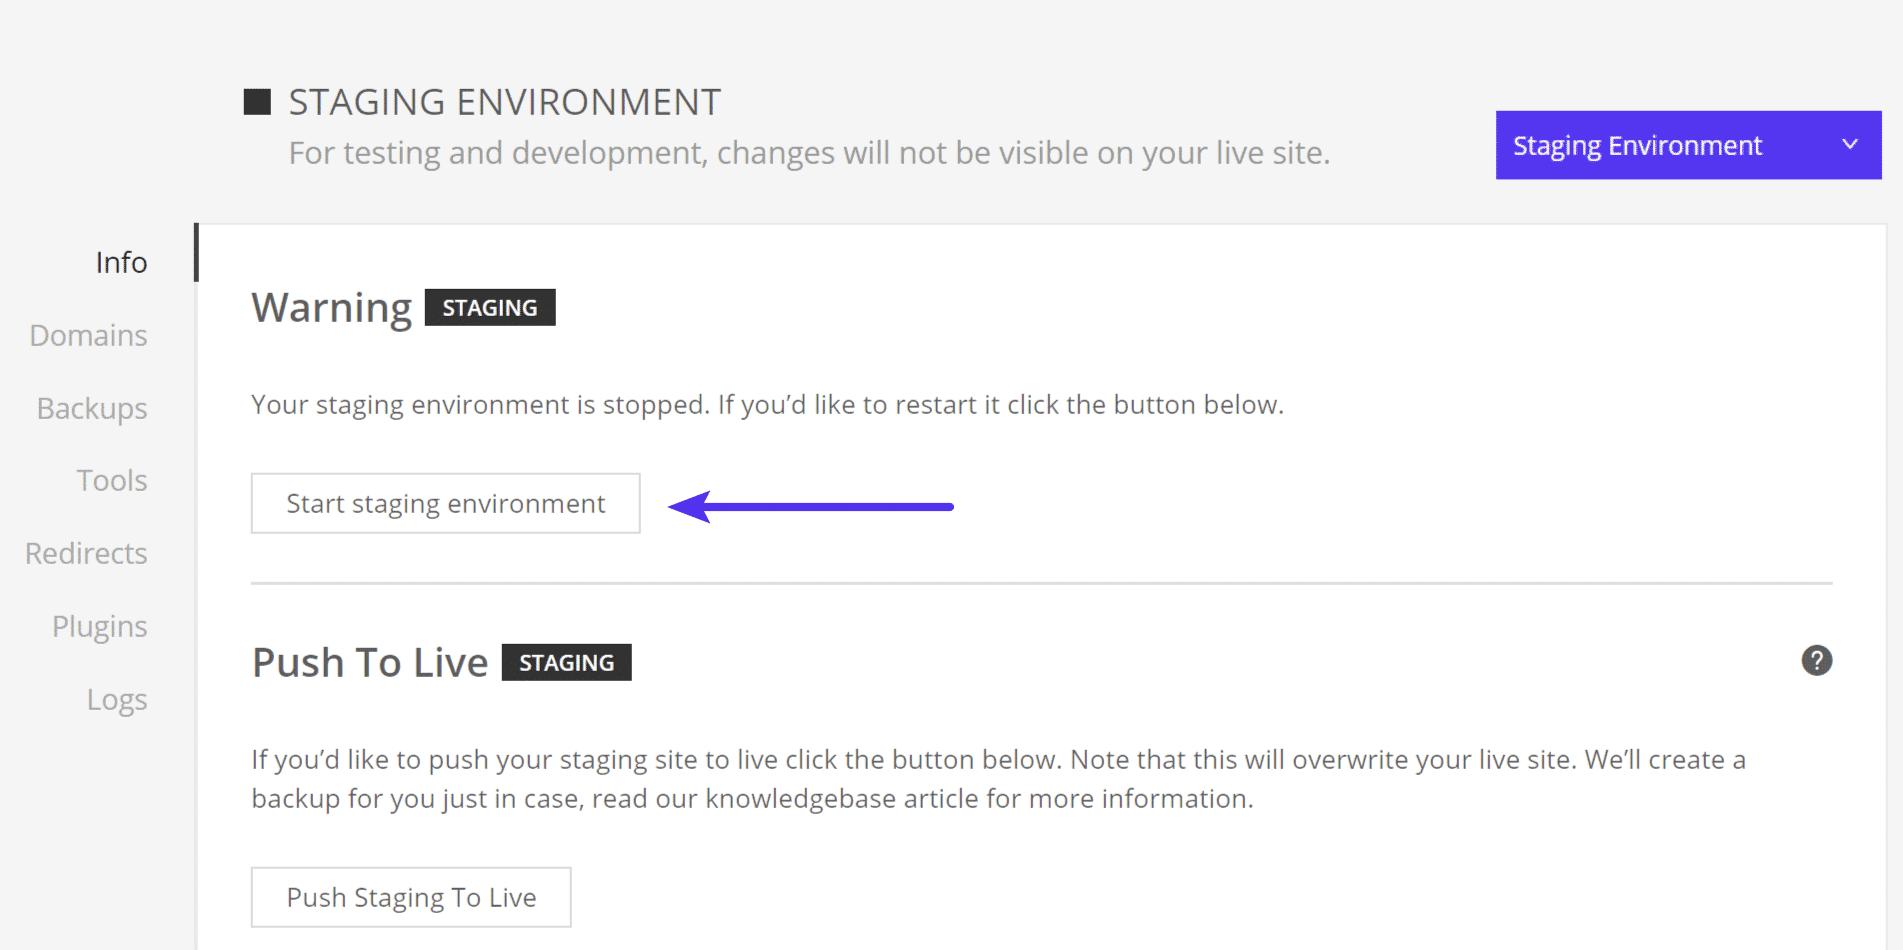 Iniciar o ambiente de testes